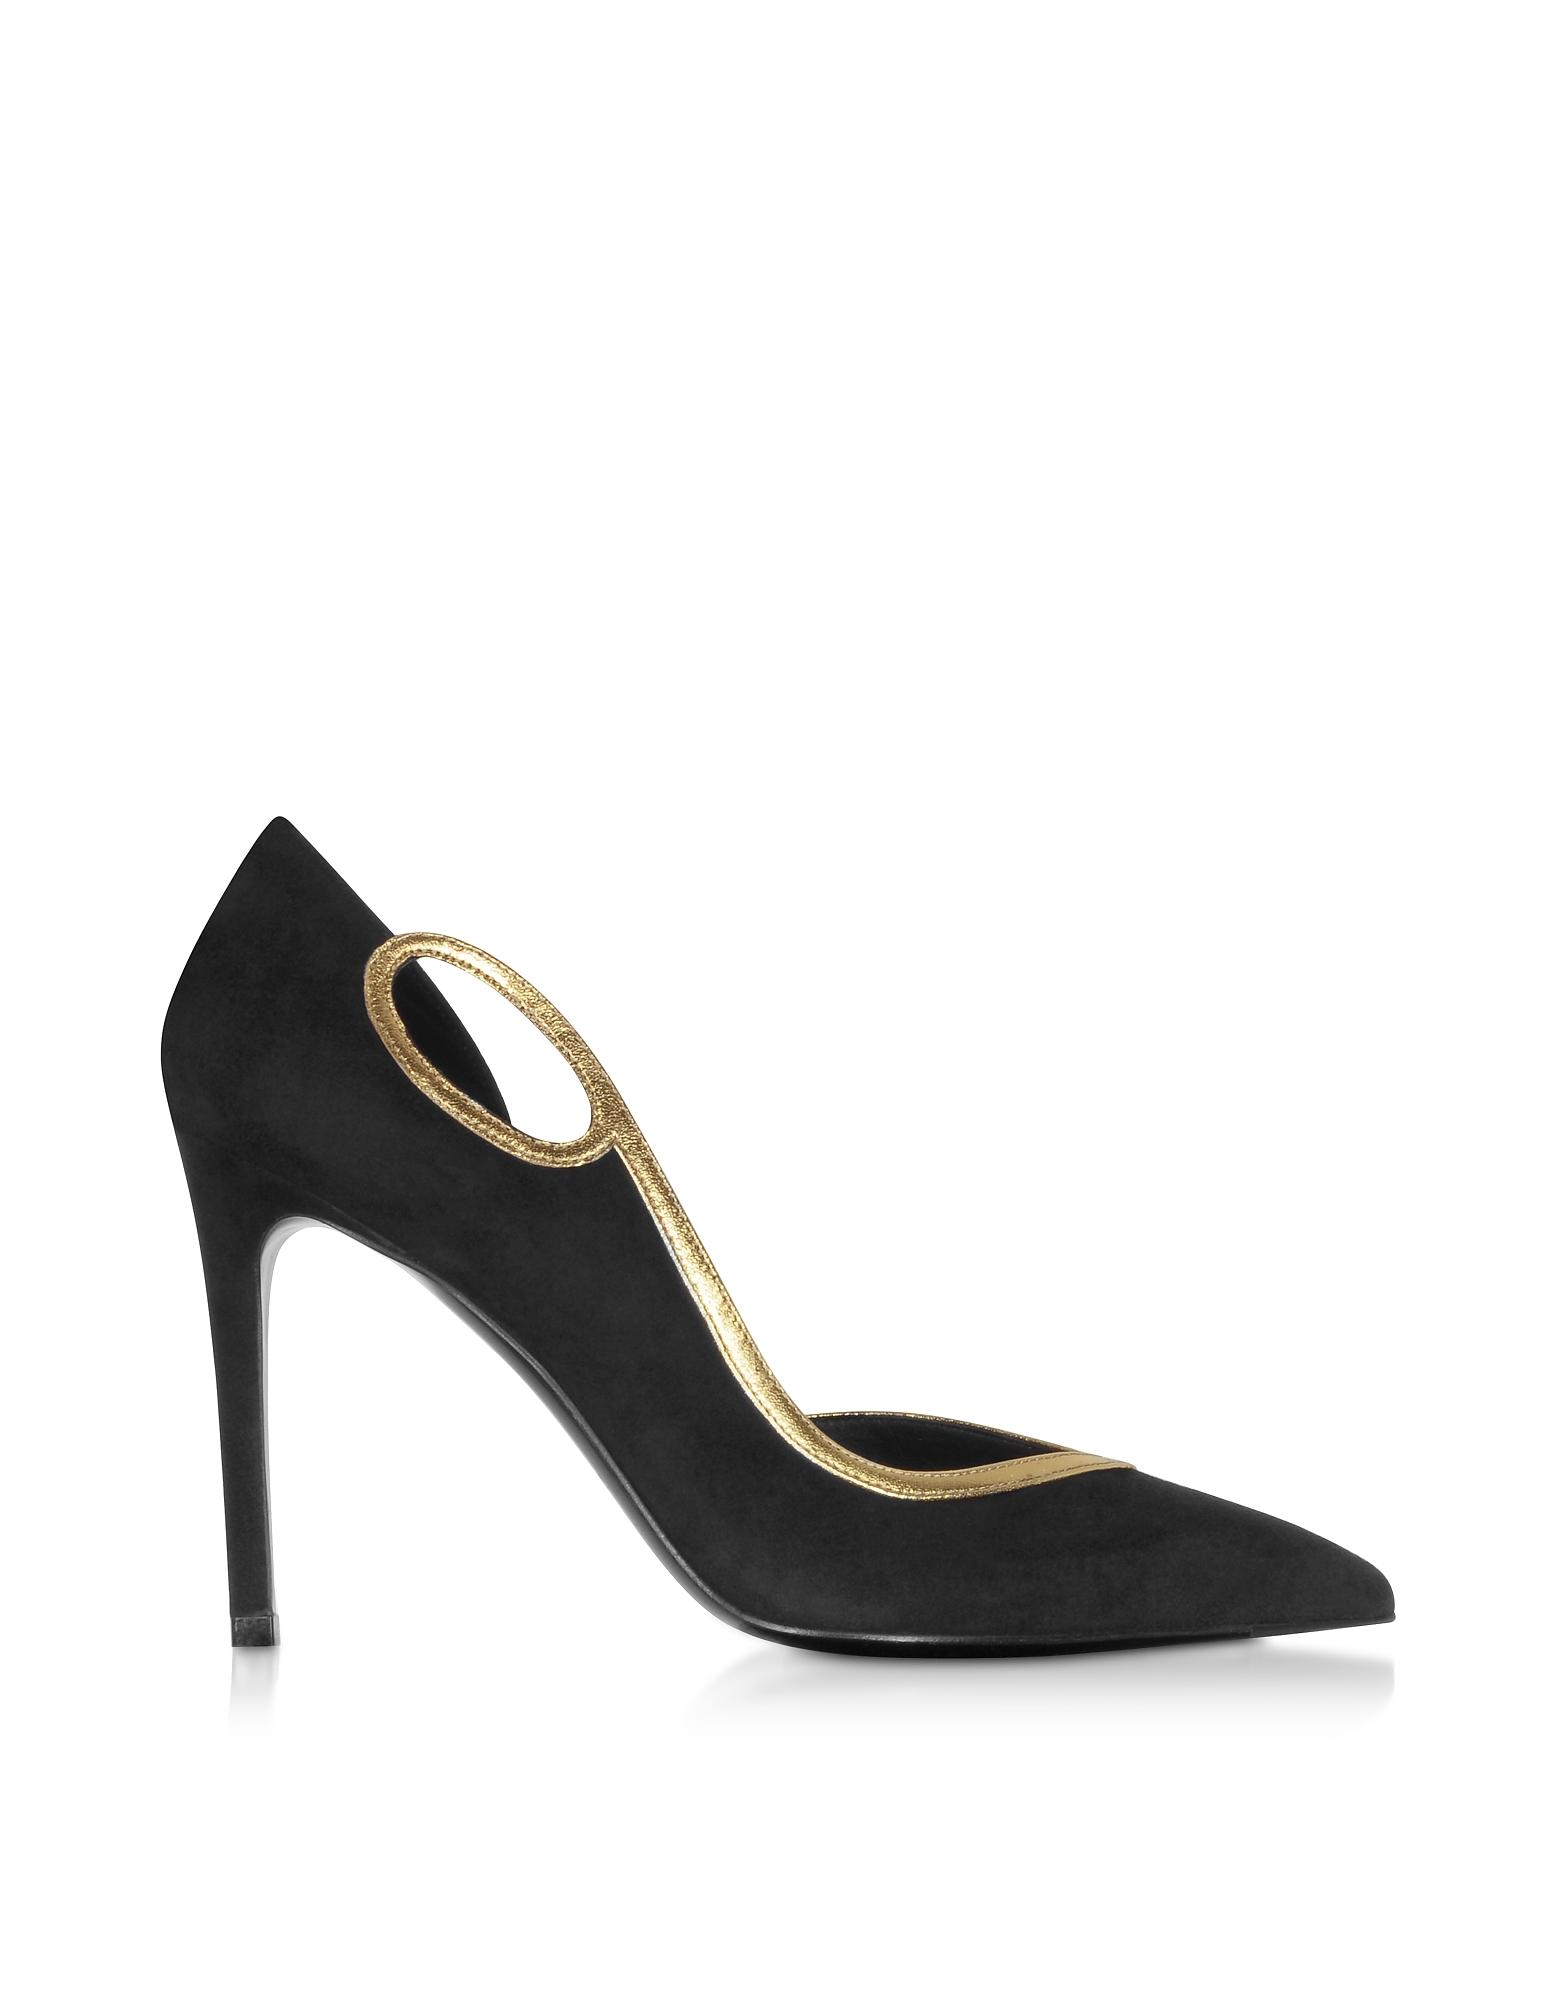 Balmain Designer Shoes, Black Leather Miley Pumps